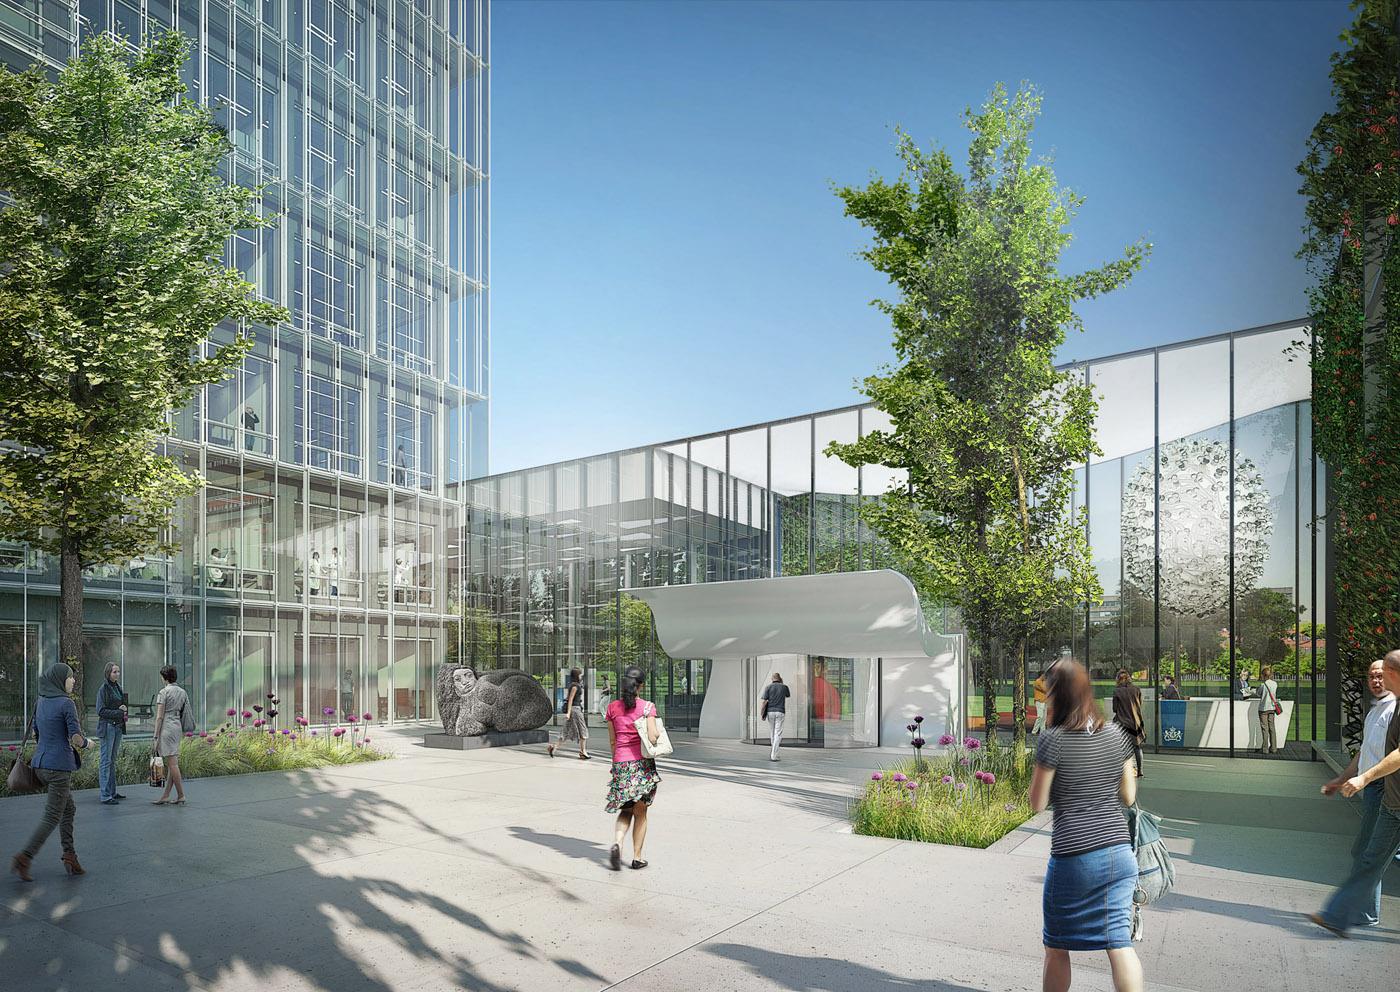 Rijksinstituut voor Volksgezondheid en Milieu (RIVM), Utrecht